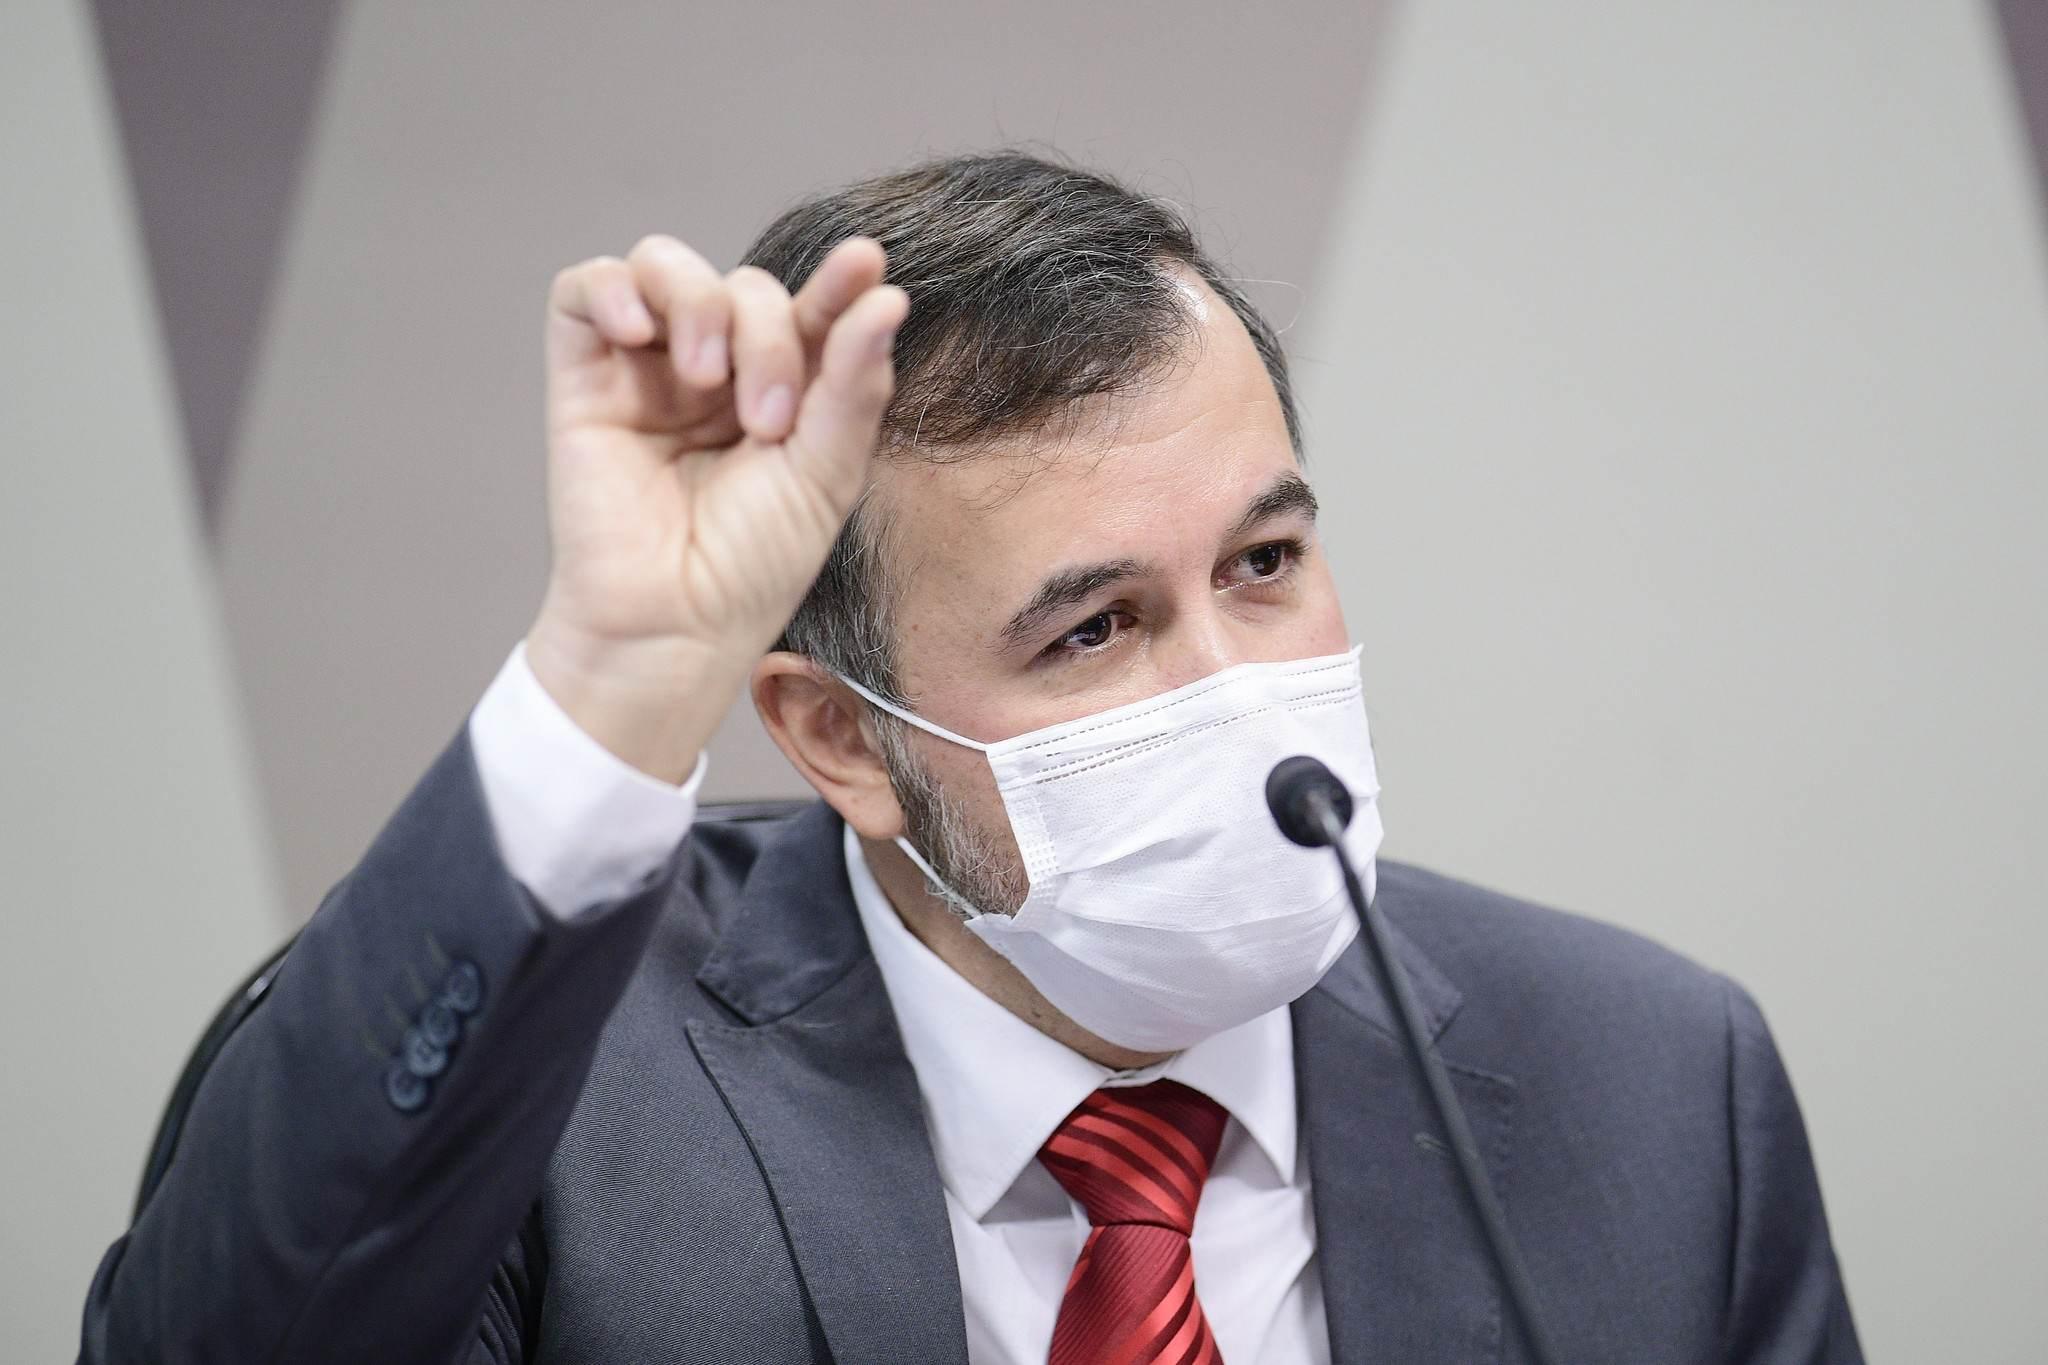 Auditor do Tribunal de Contas da União (TCU), Alexandre Marques